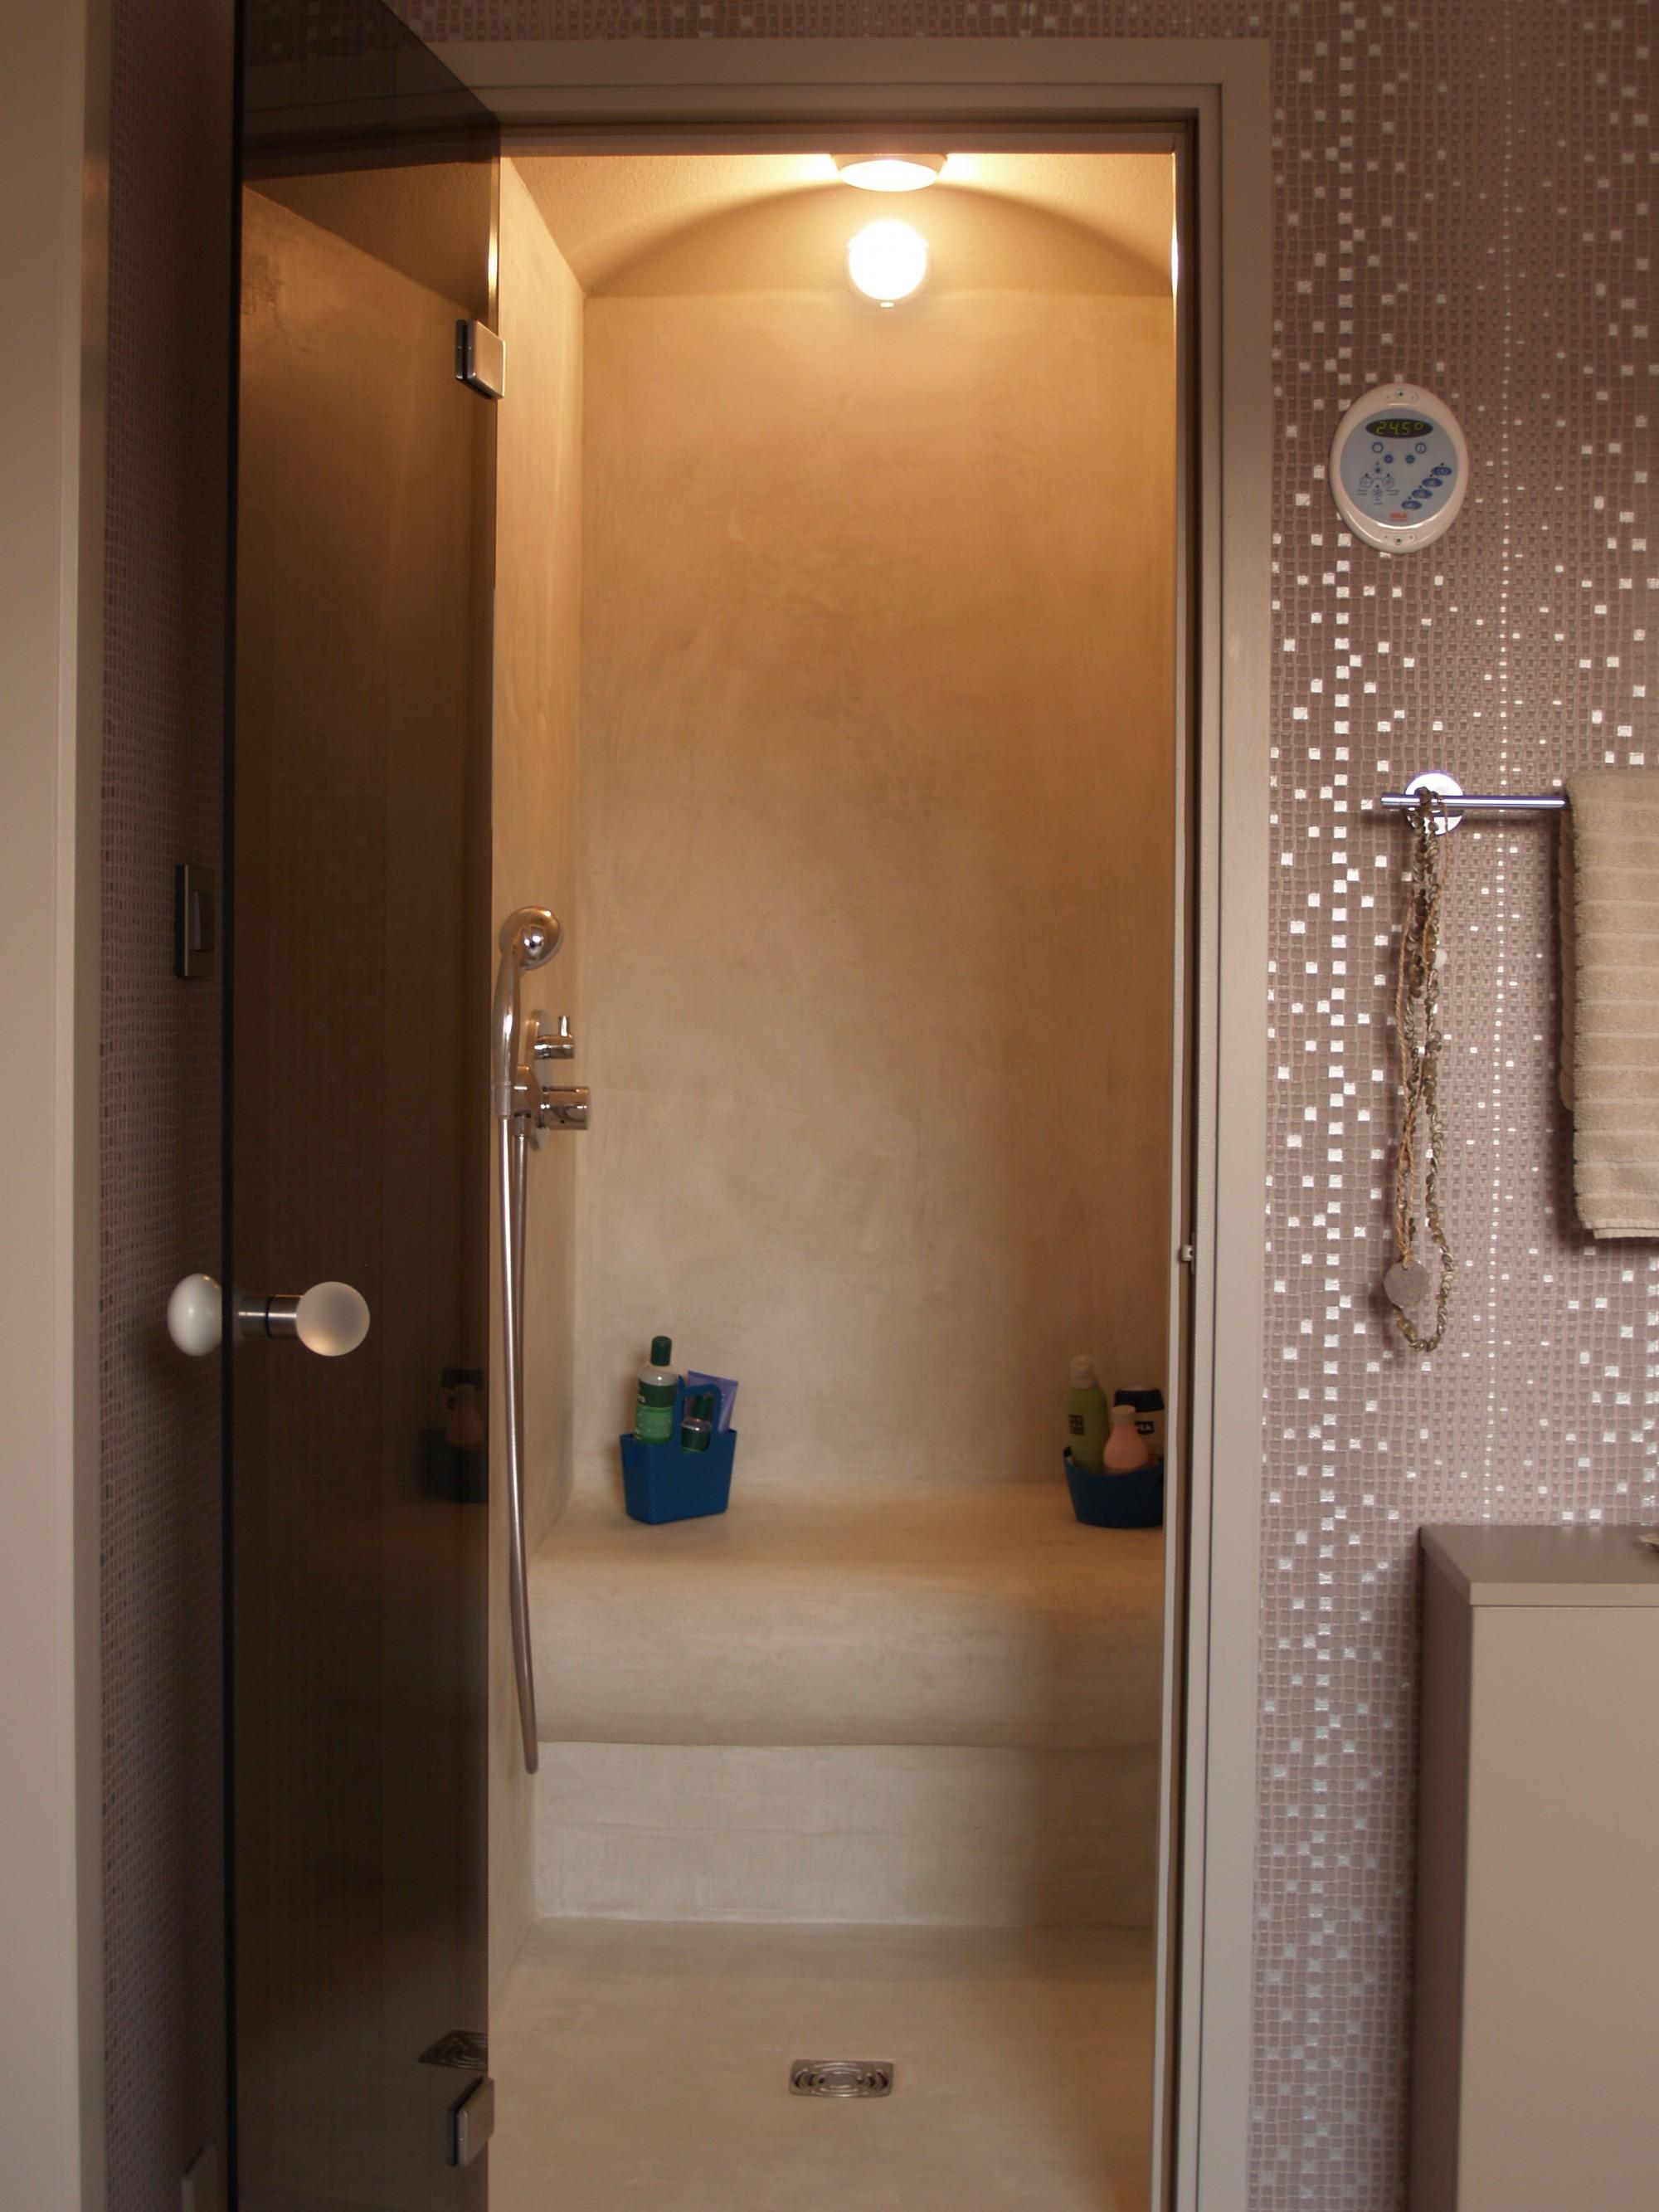 Inrichting badkamer detemo interieur - Interieur decoratie badkamer ...